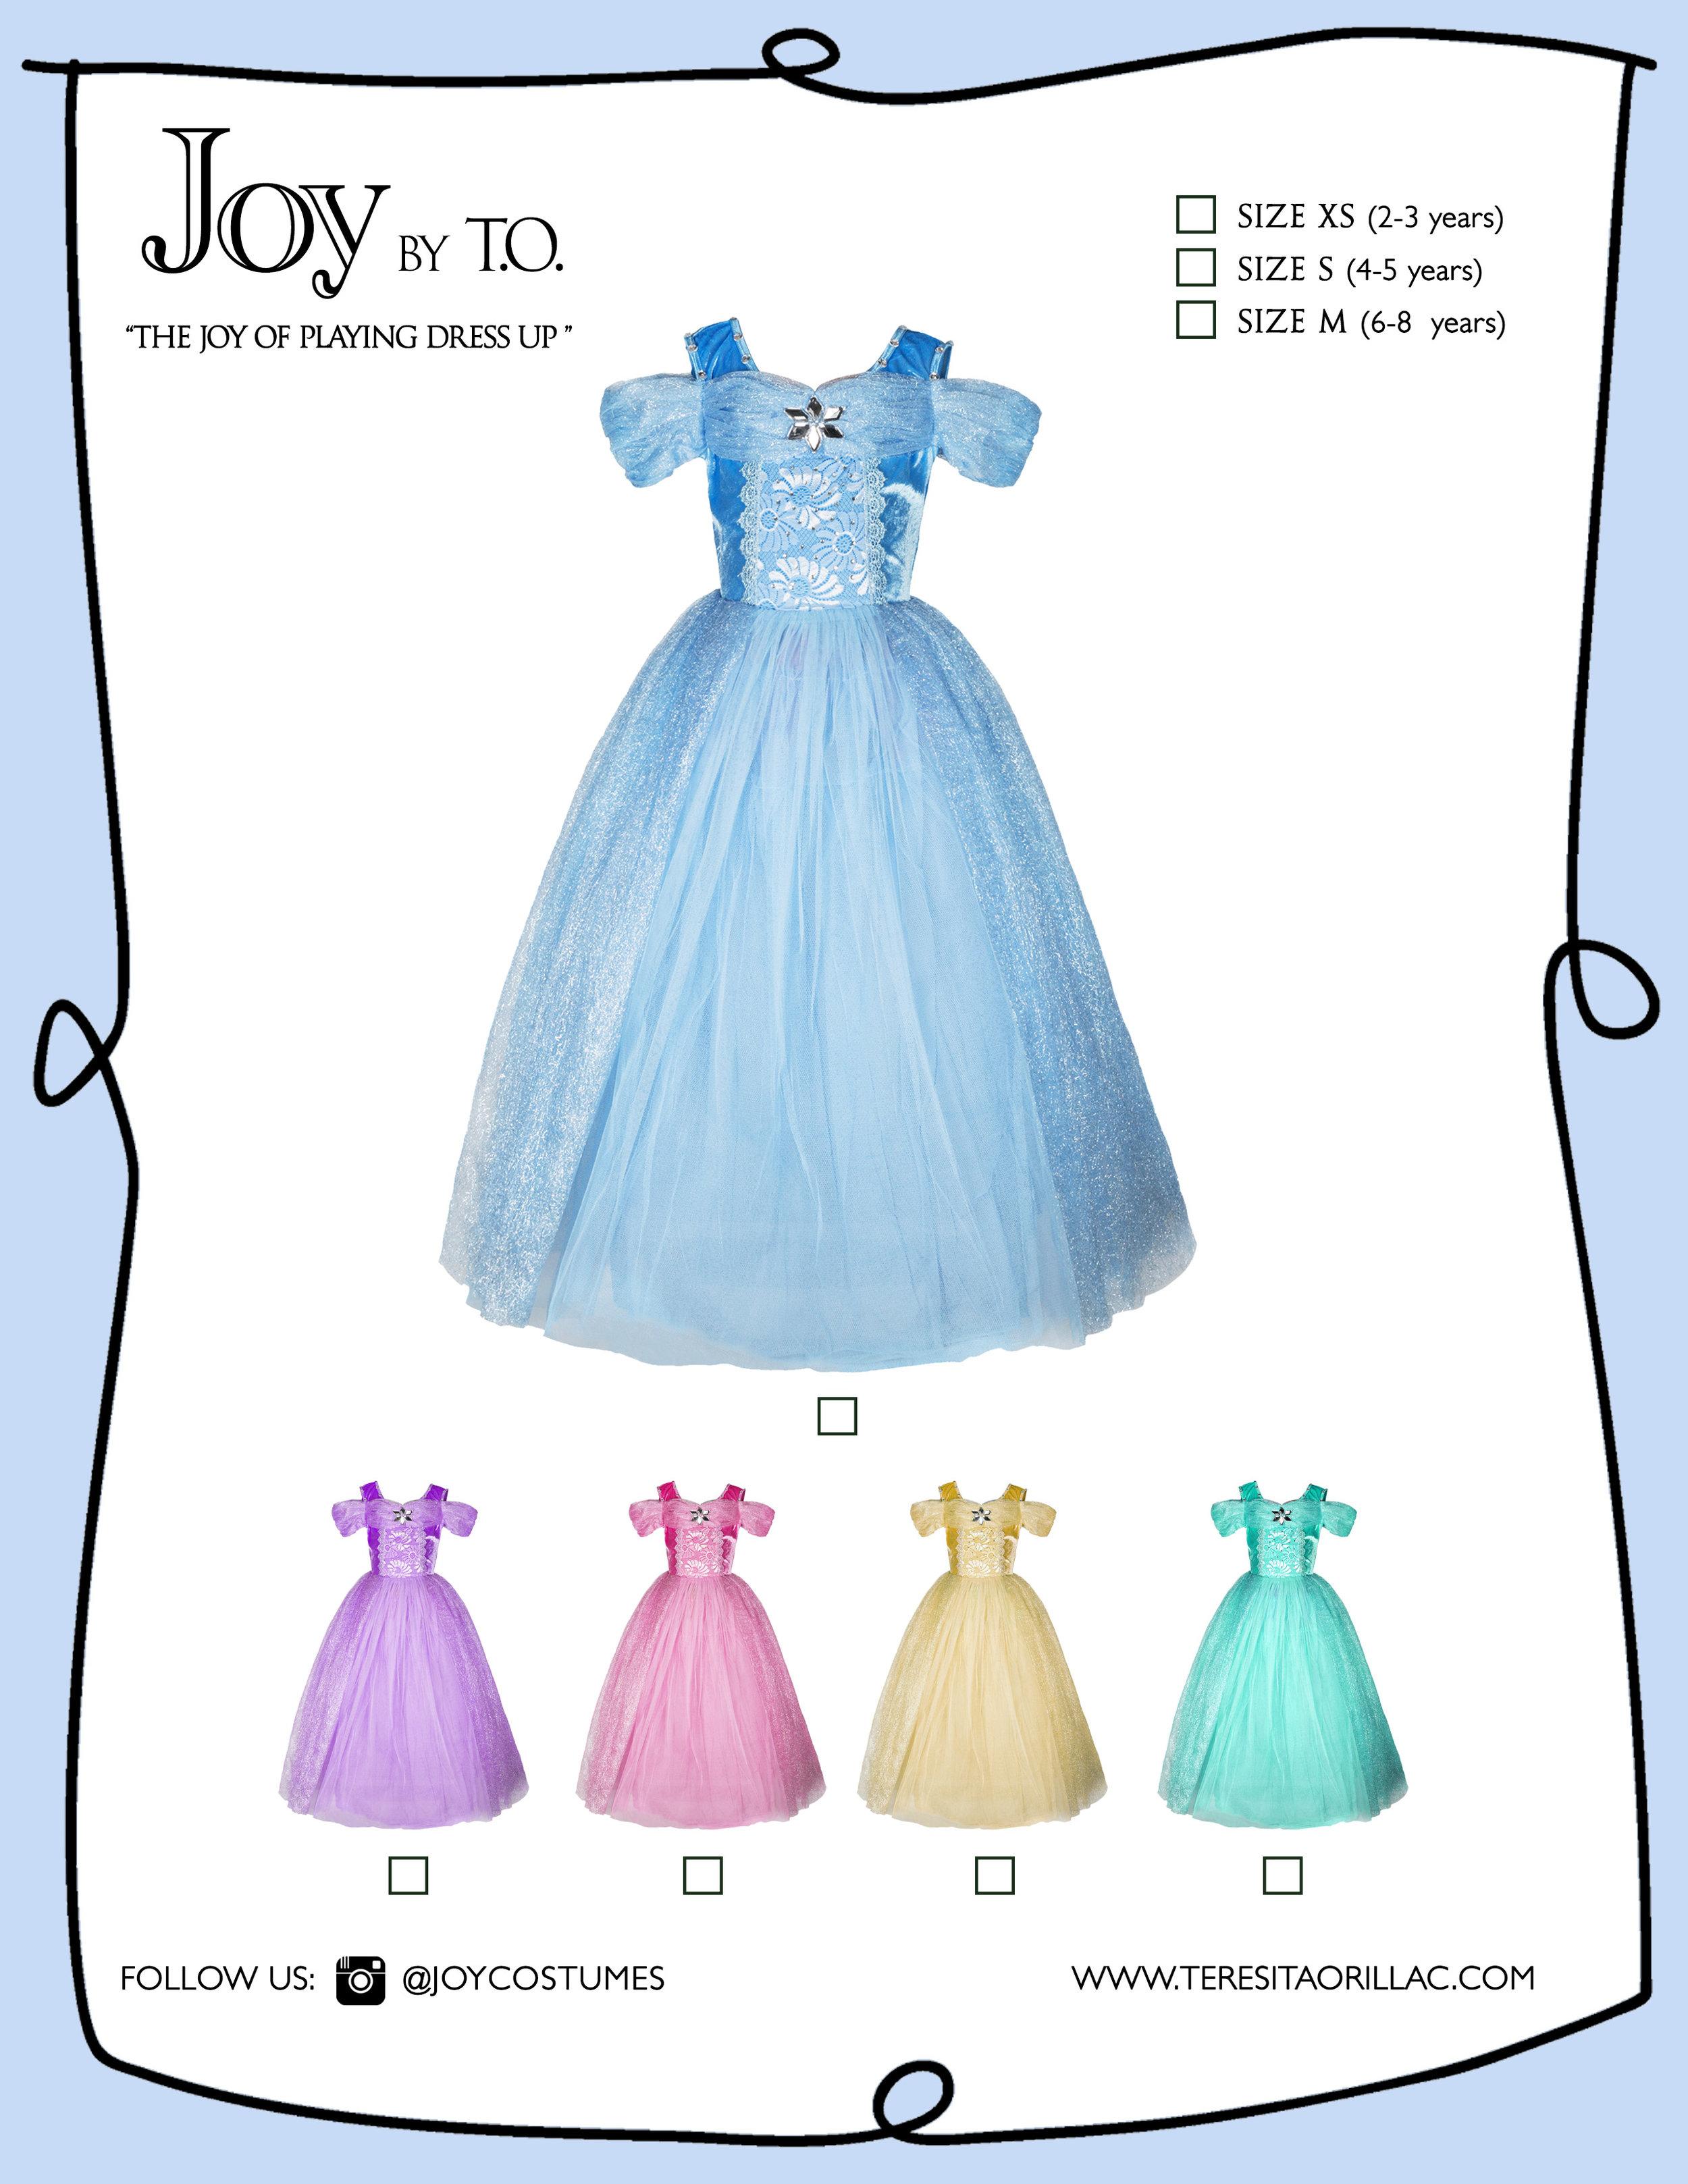 Carton disfraz princess ballgowns all colors.jpg